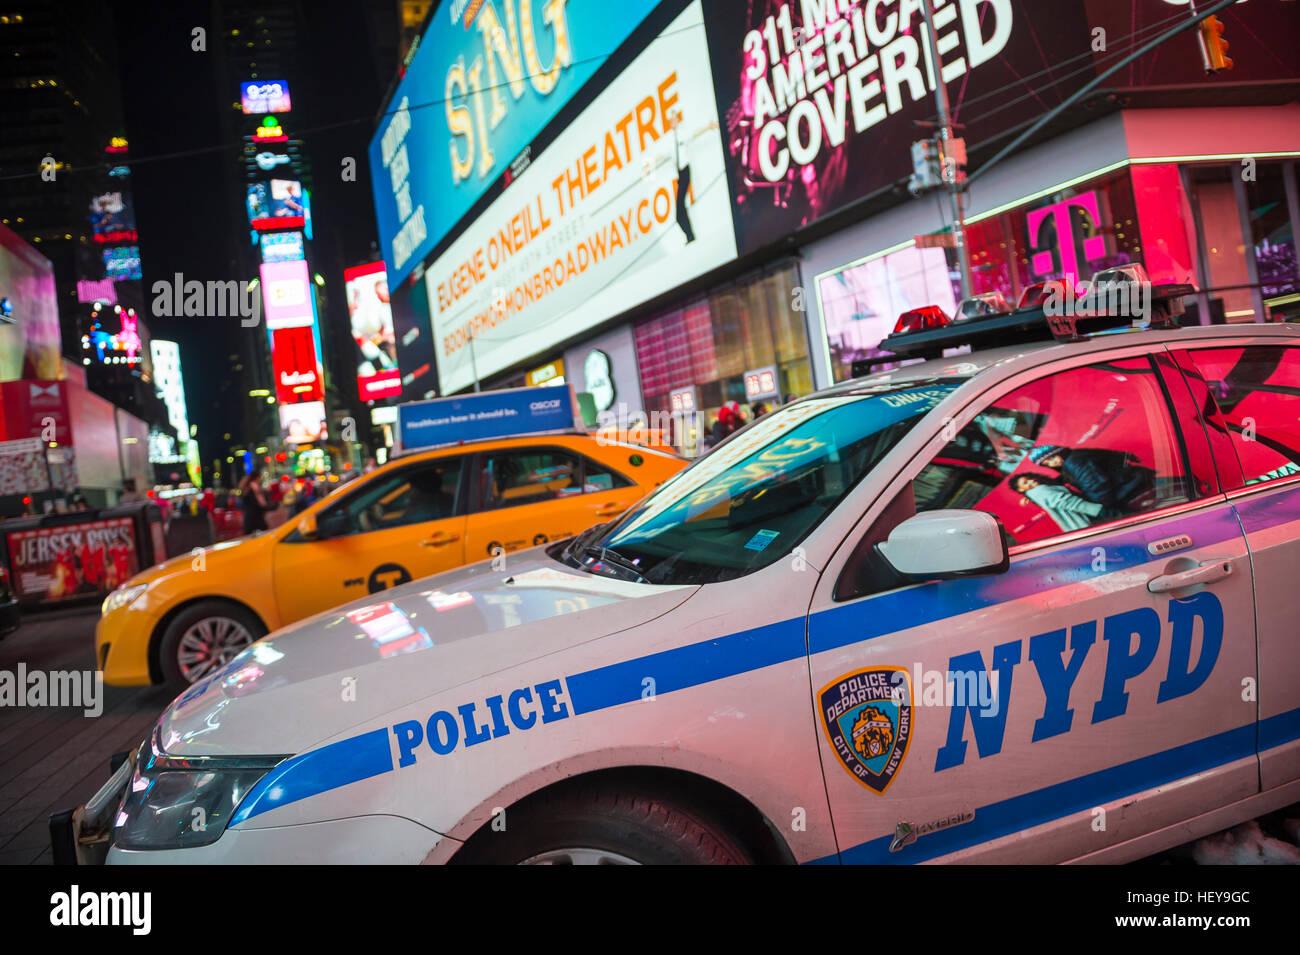 La CIUDAD DE NUEVA YORK - 23 de diciembre de 2016: coche de policía de NYPD estacionadas en Times Square en Imagen De Stock